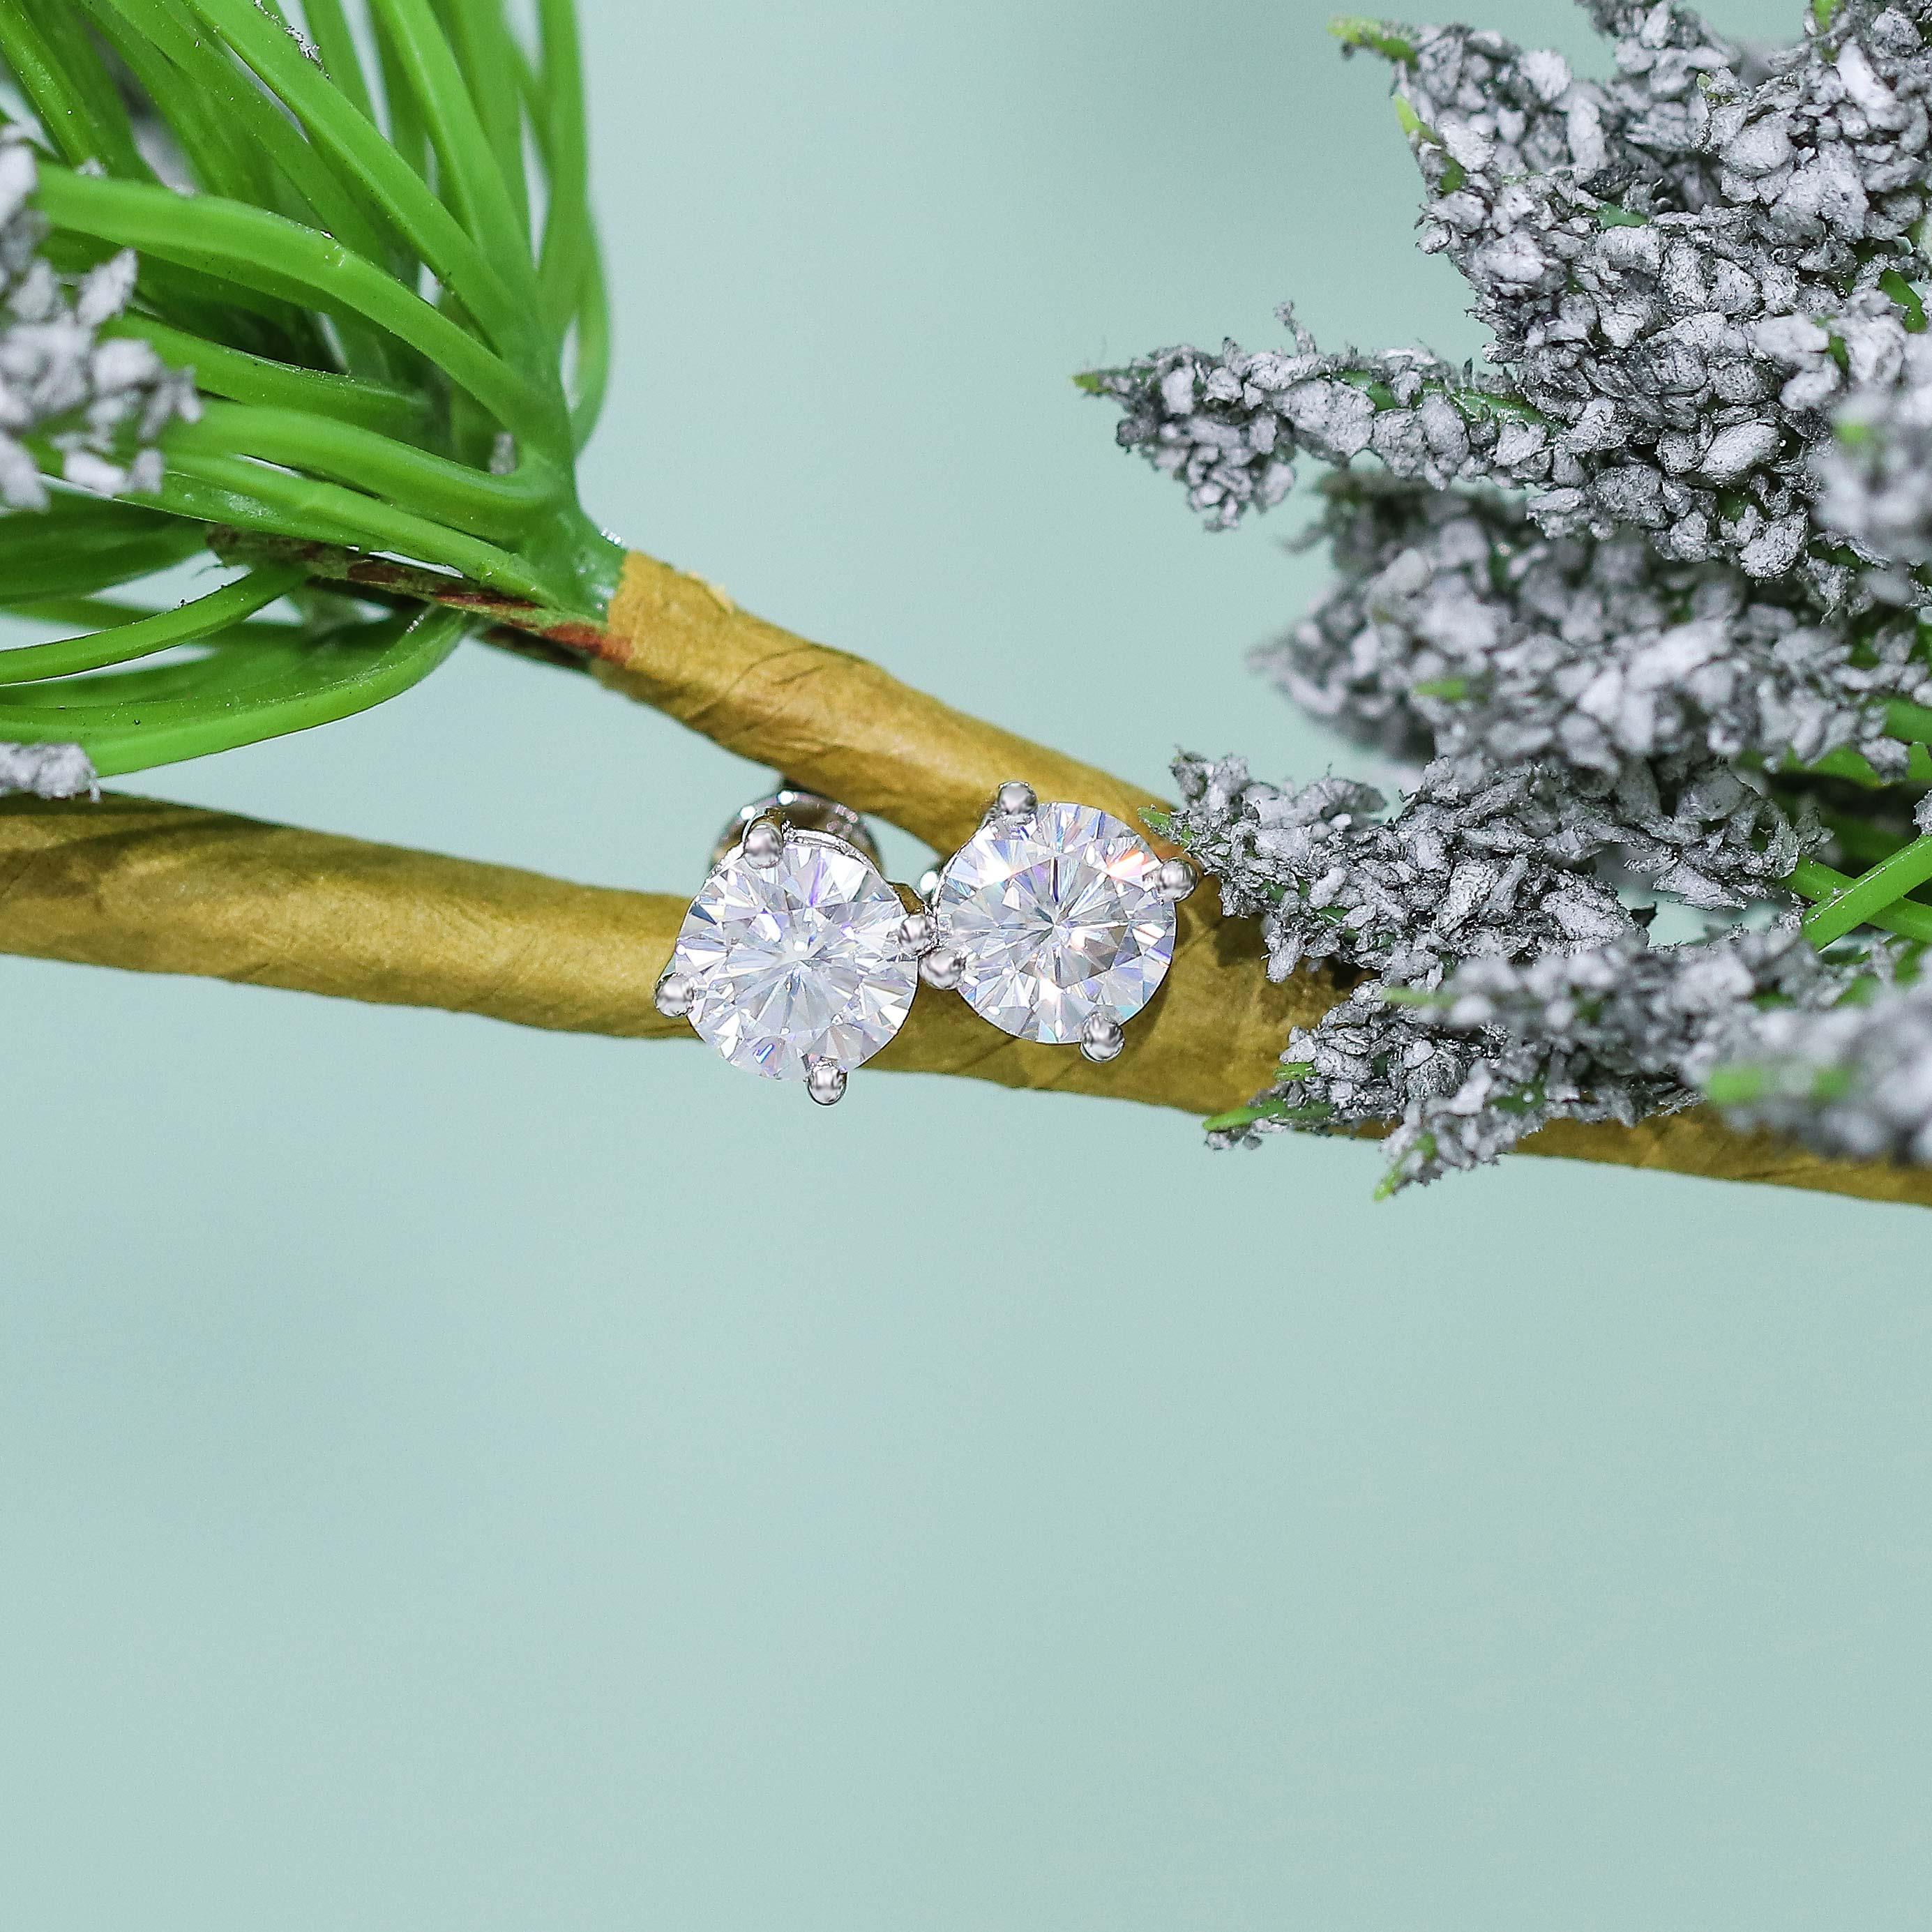 DovEggs 14K or blanc Post F couleur 1.6CTW 6MM laboratoire cultivé Moissanite solide argent Stud boucle d'oreille repousser pour les femmes - 2